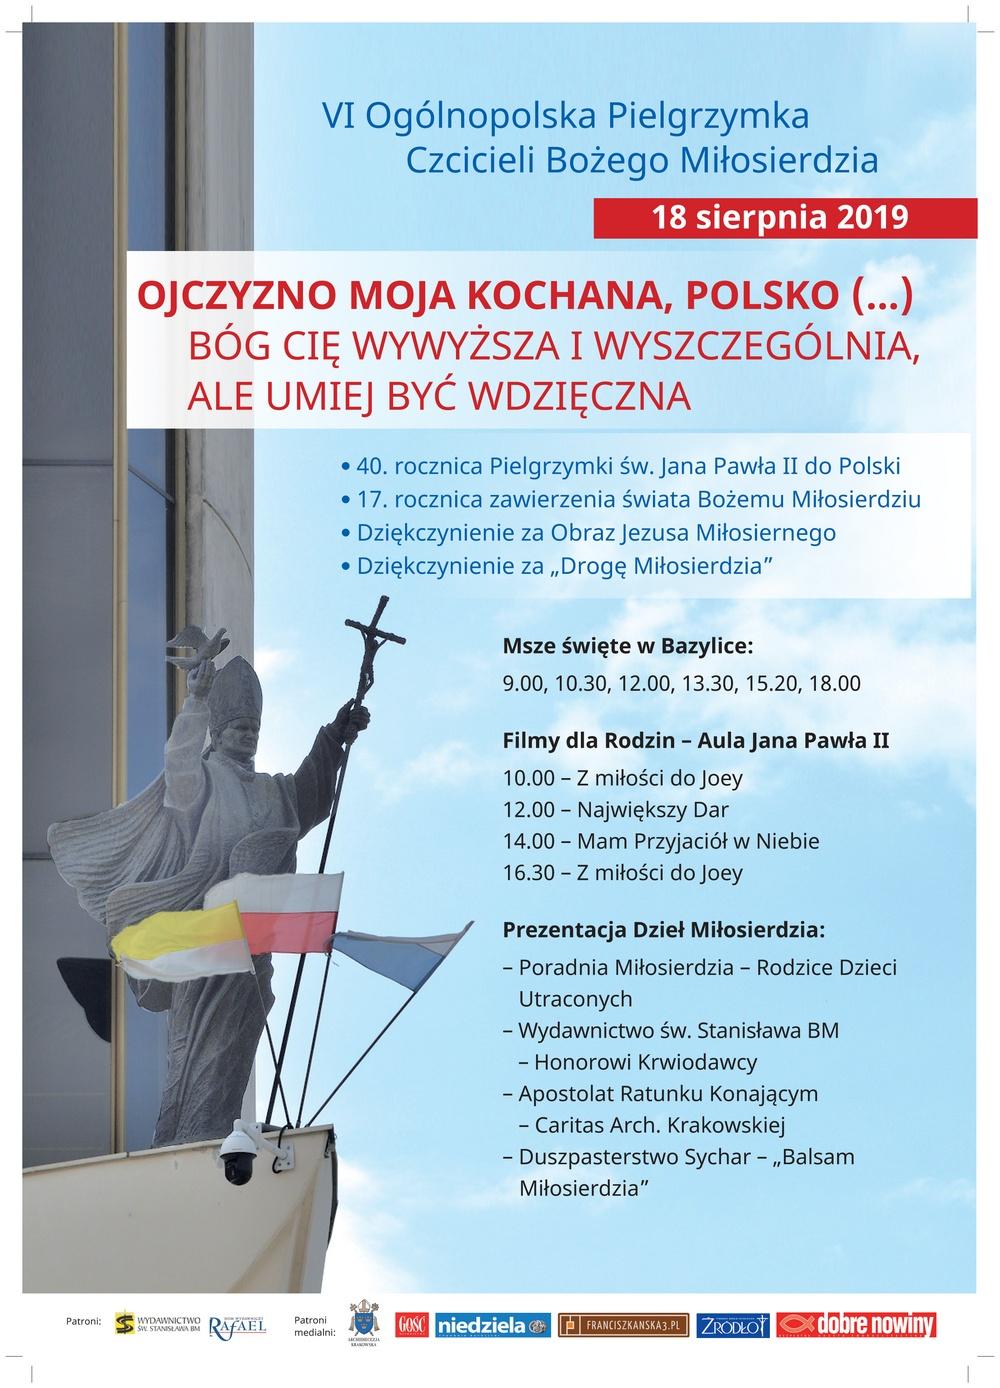 18 sierpnia 2019 - 6. Ogólnopolska Pielgrzymka Czcicieli Bożego Miłosierdzia do Łagiewnik